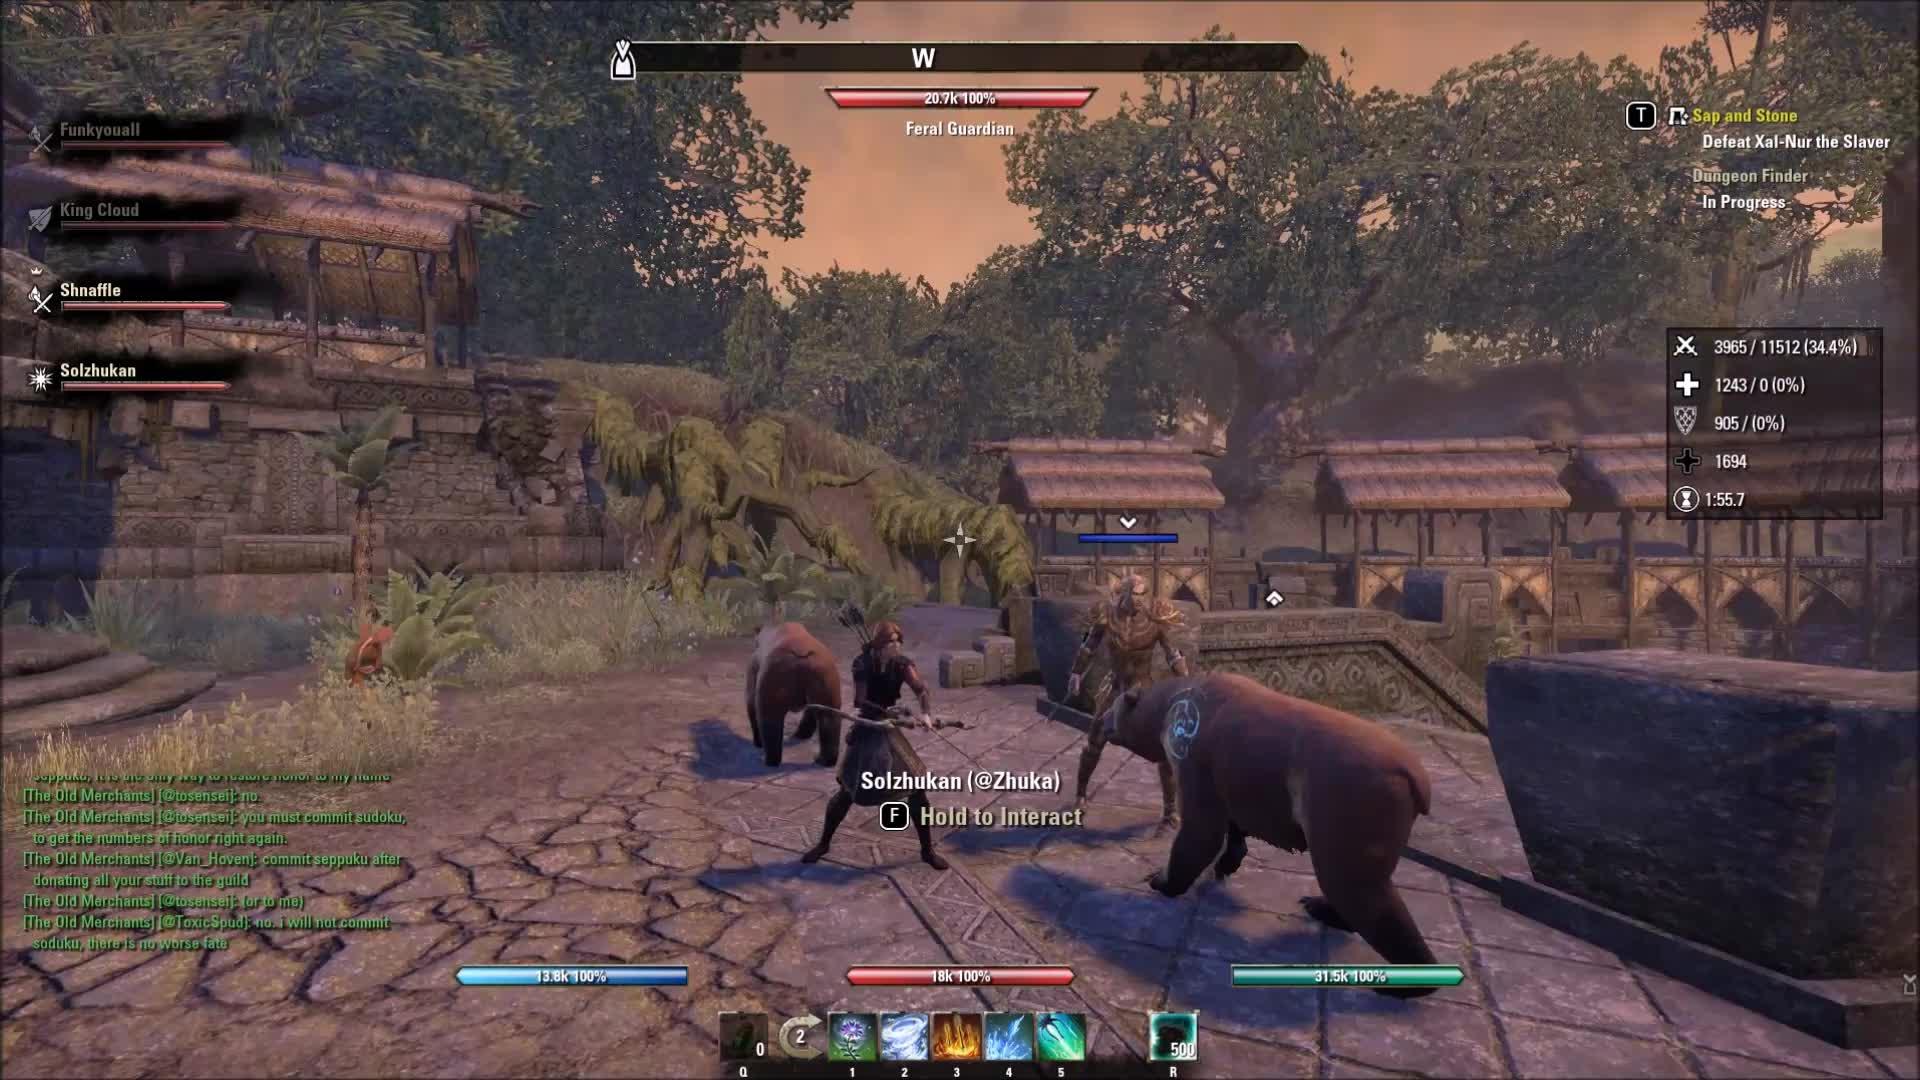 elderscrollsonline, warden, Elder Scrolls Online Morrowind Warden Bear's Lick Each Other GIFs